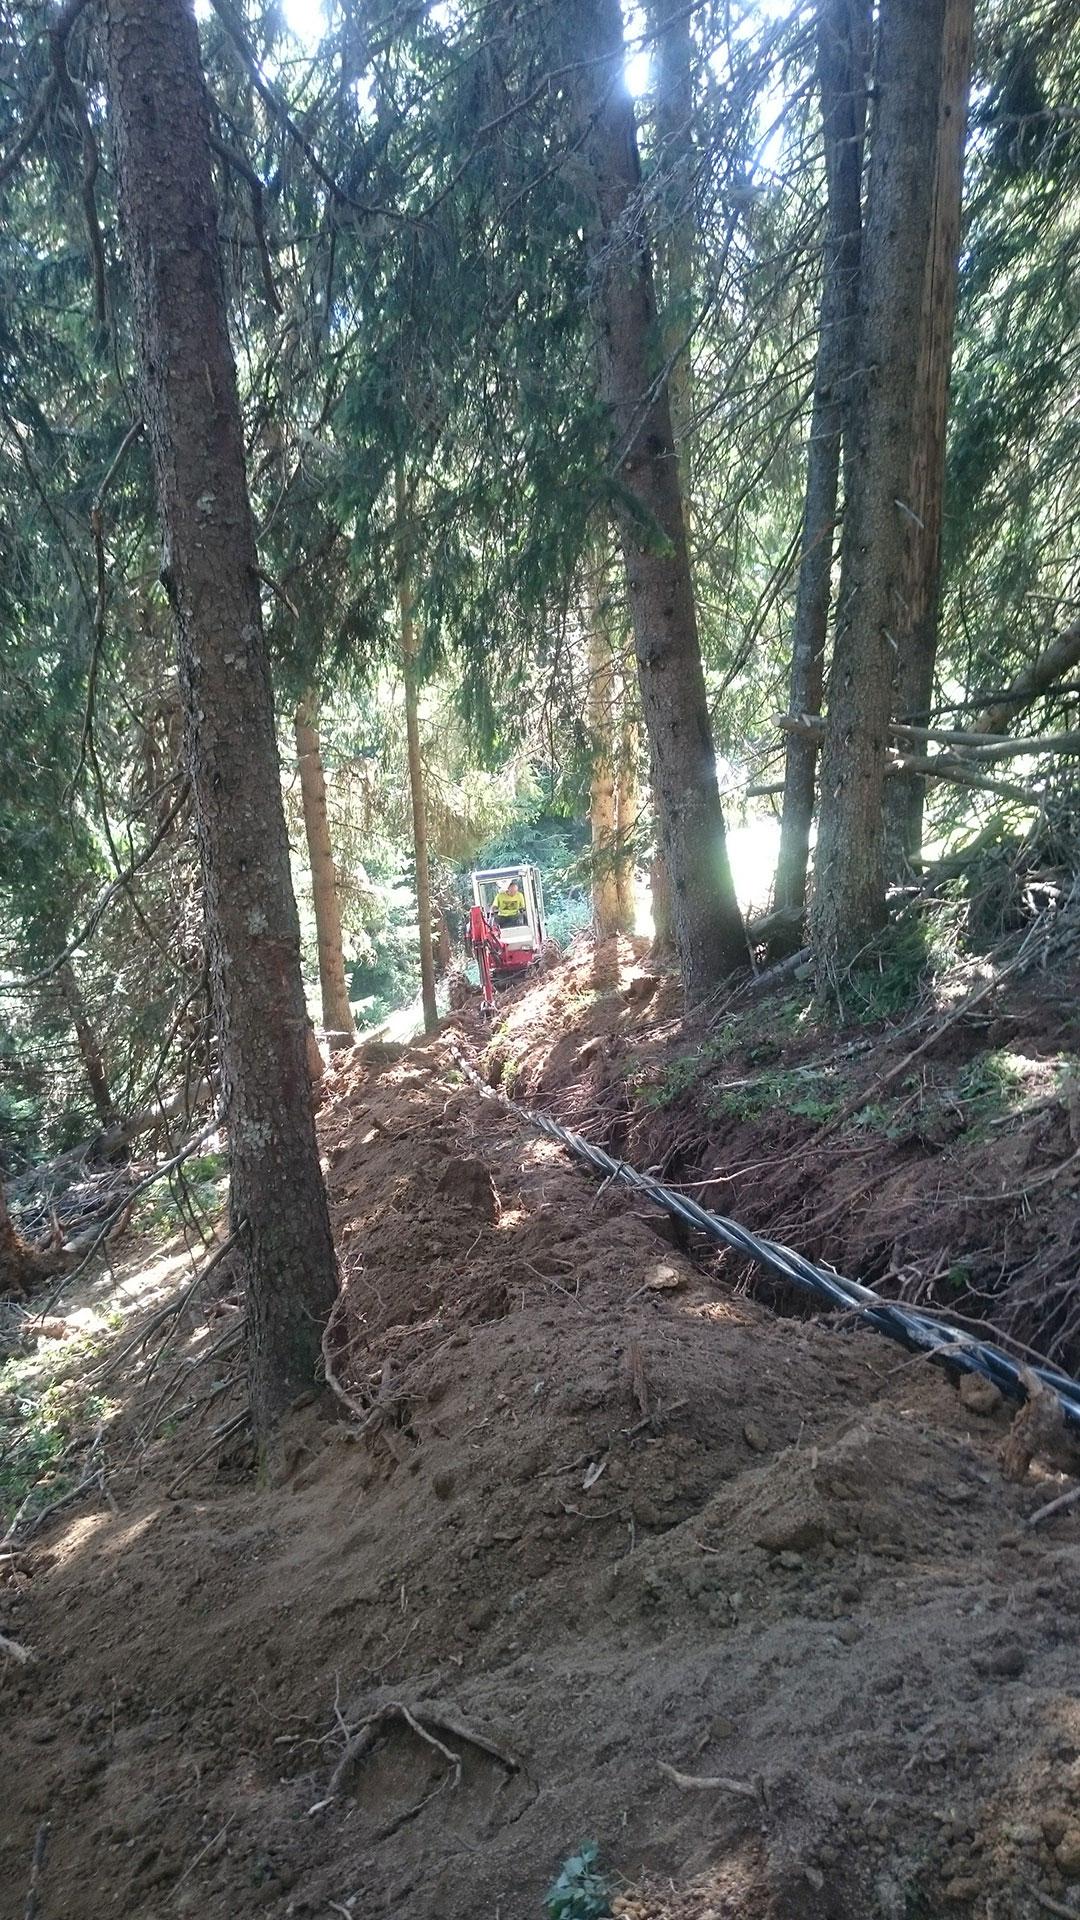 Duperier TP pelle araignée en Savoie - Enfouissement câbles en milieu forestier avec accès difficile